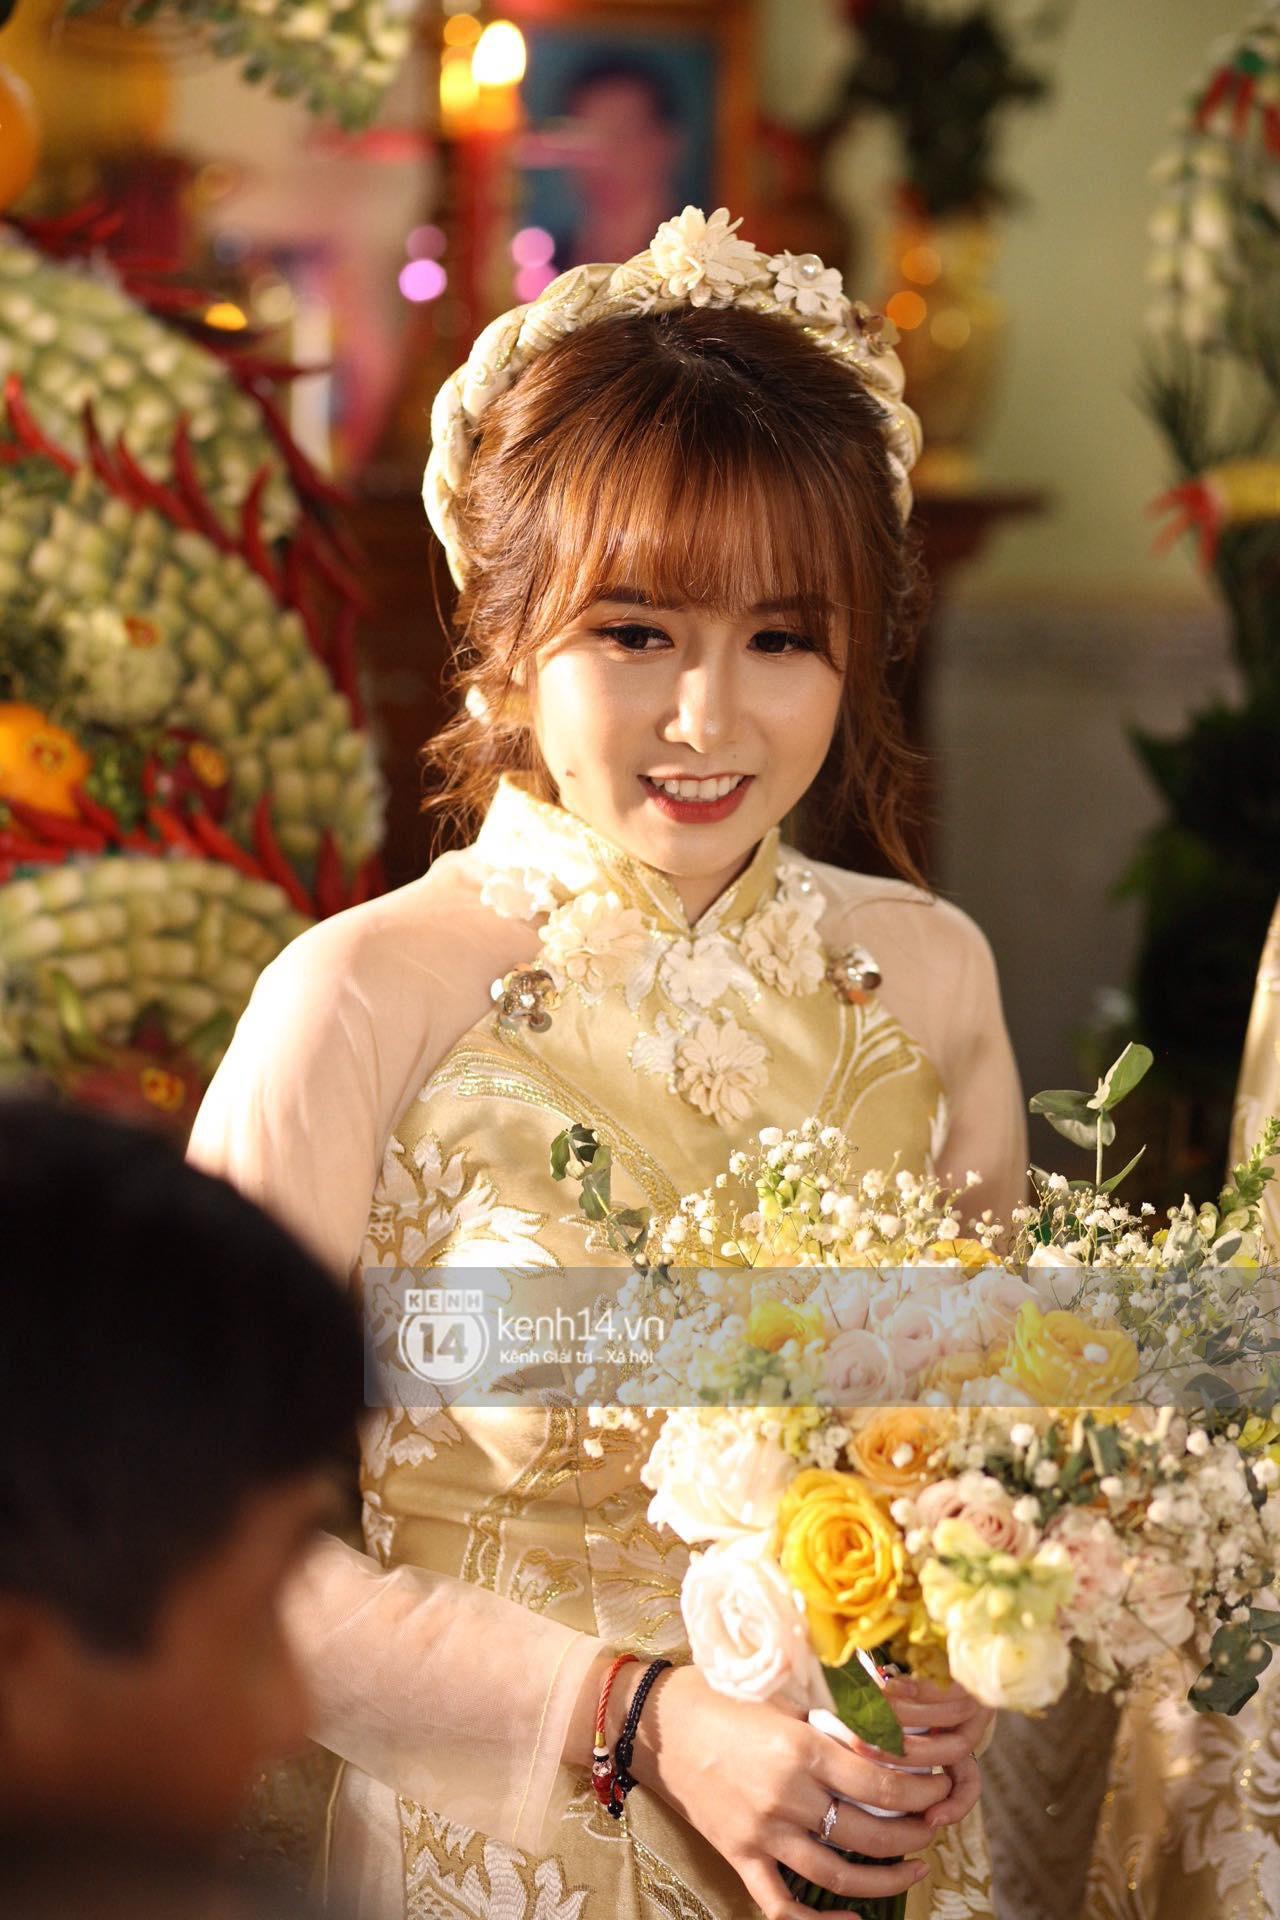 Cris Phan diện vest lịch lãm sánh đôi cùng Mai Quỳnh Anh khui sâm banh ở nhà hàng tiệc cưới - Ảnh 10.